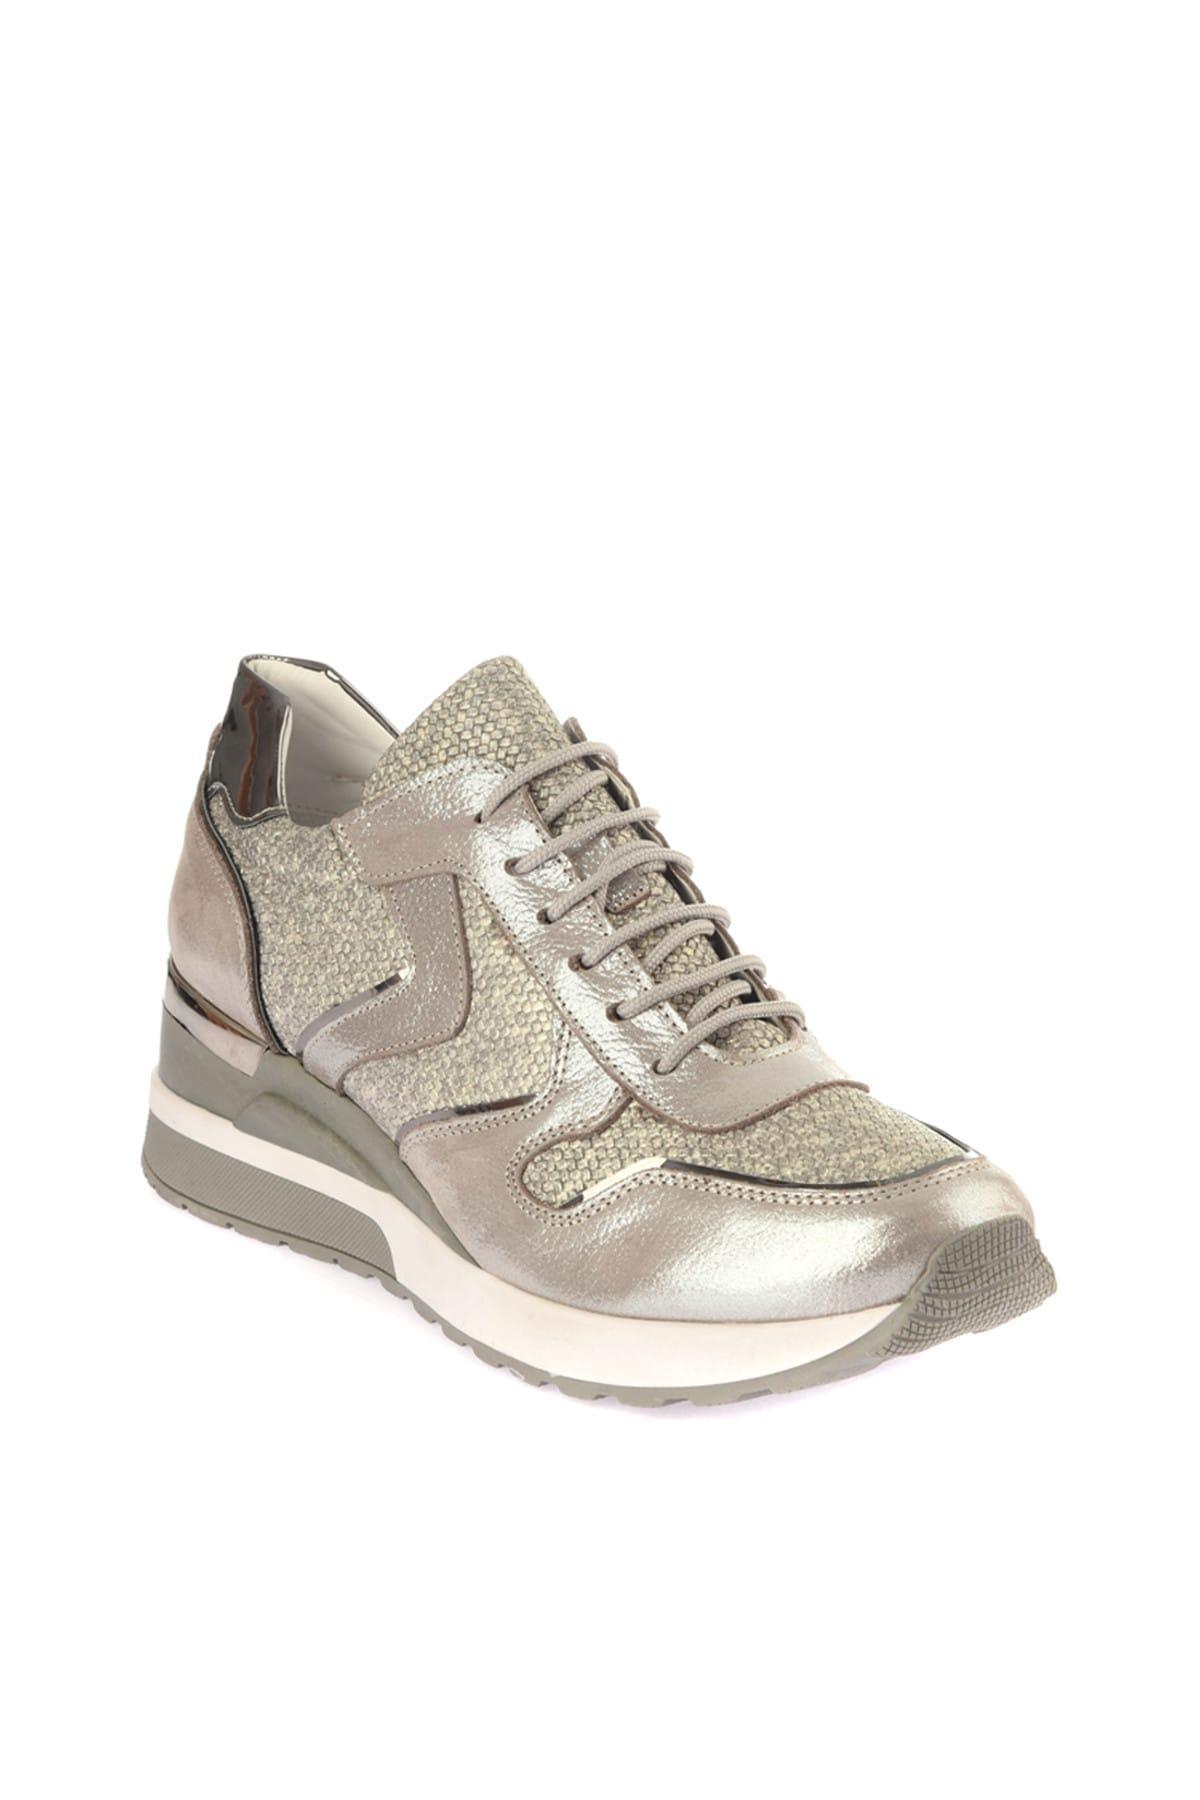 Pérola Vzon Mulheres Sneaker 120130008476